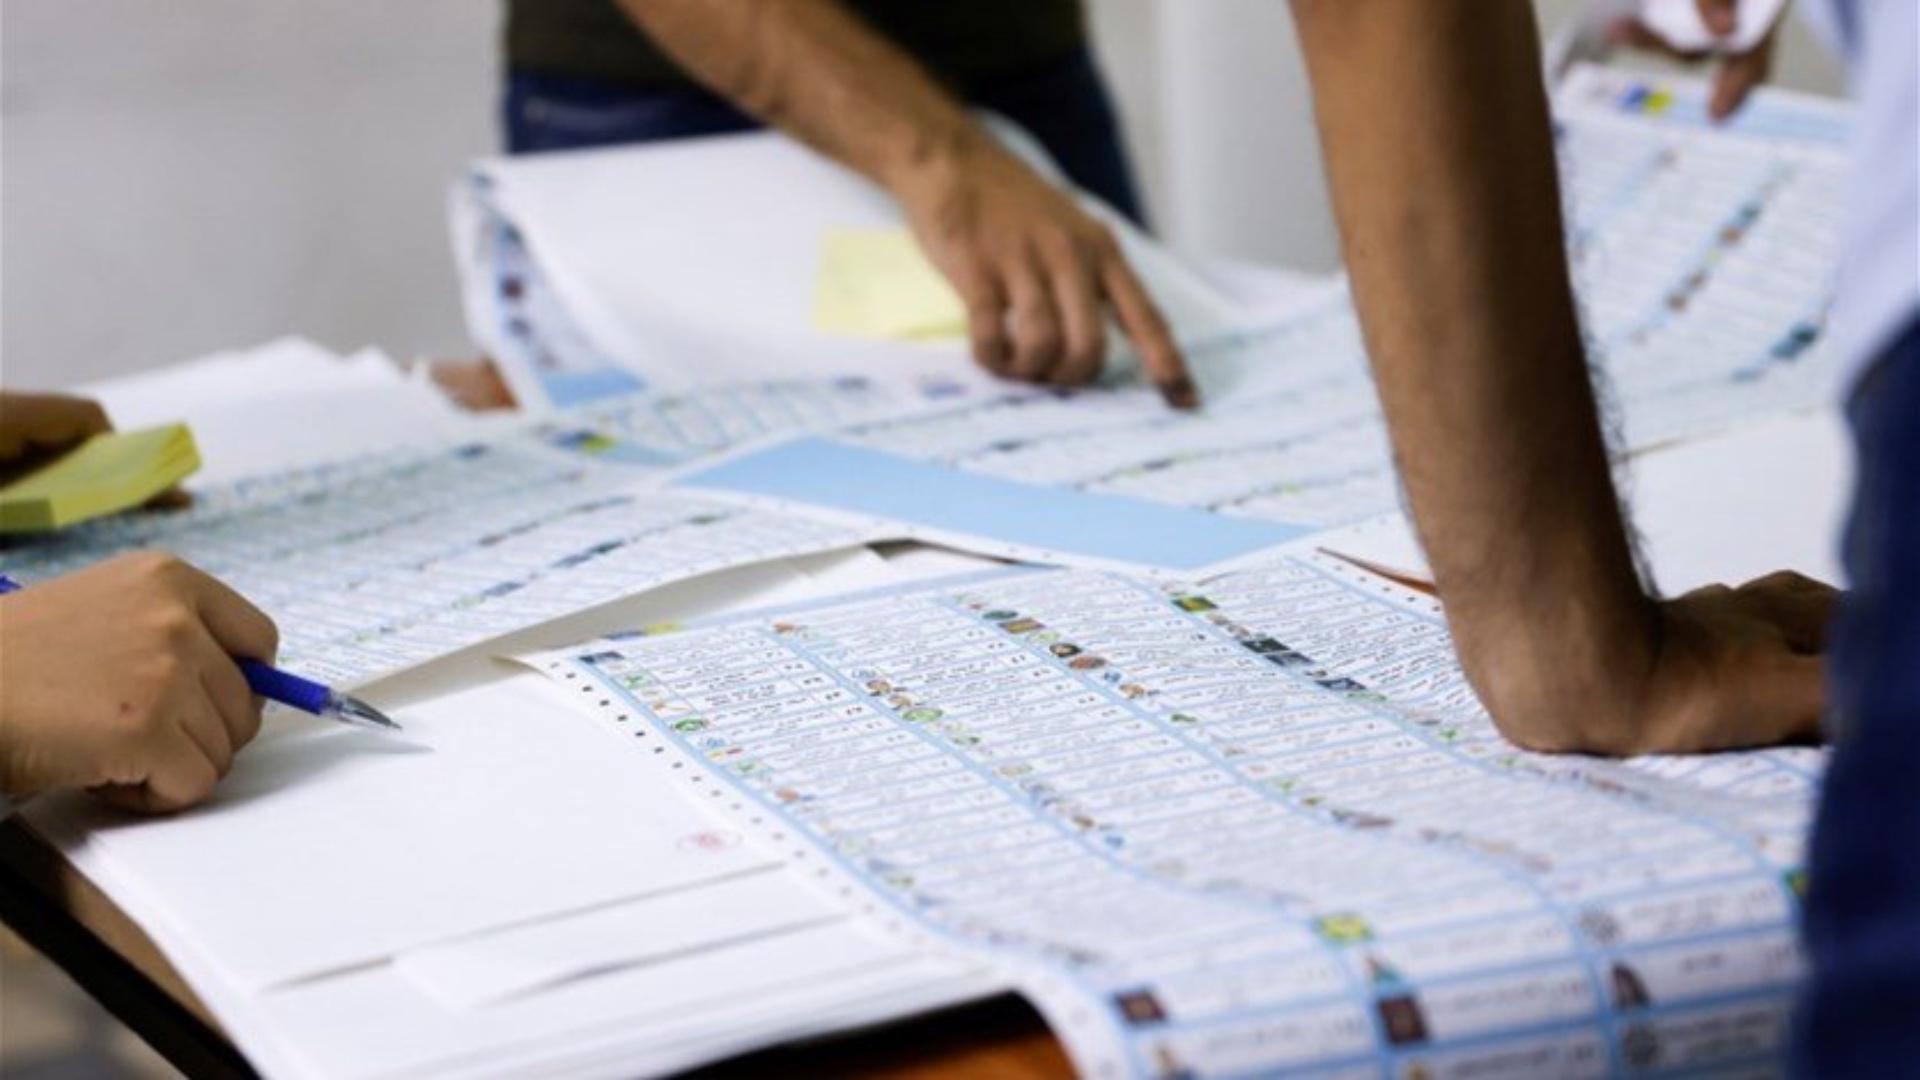 نسبة التصويت الأولية في الانتخابات تبلغ 41%